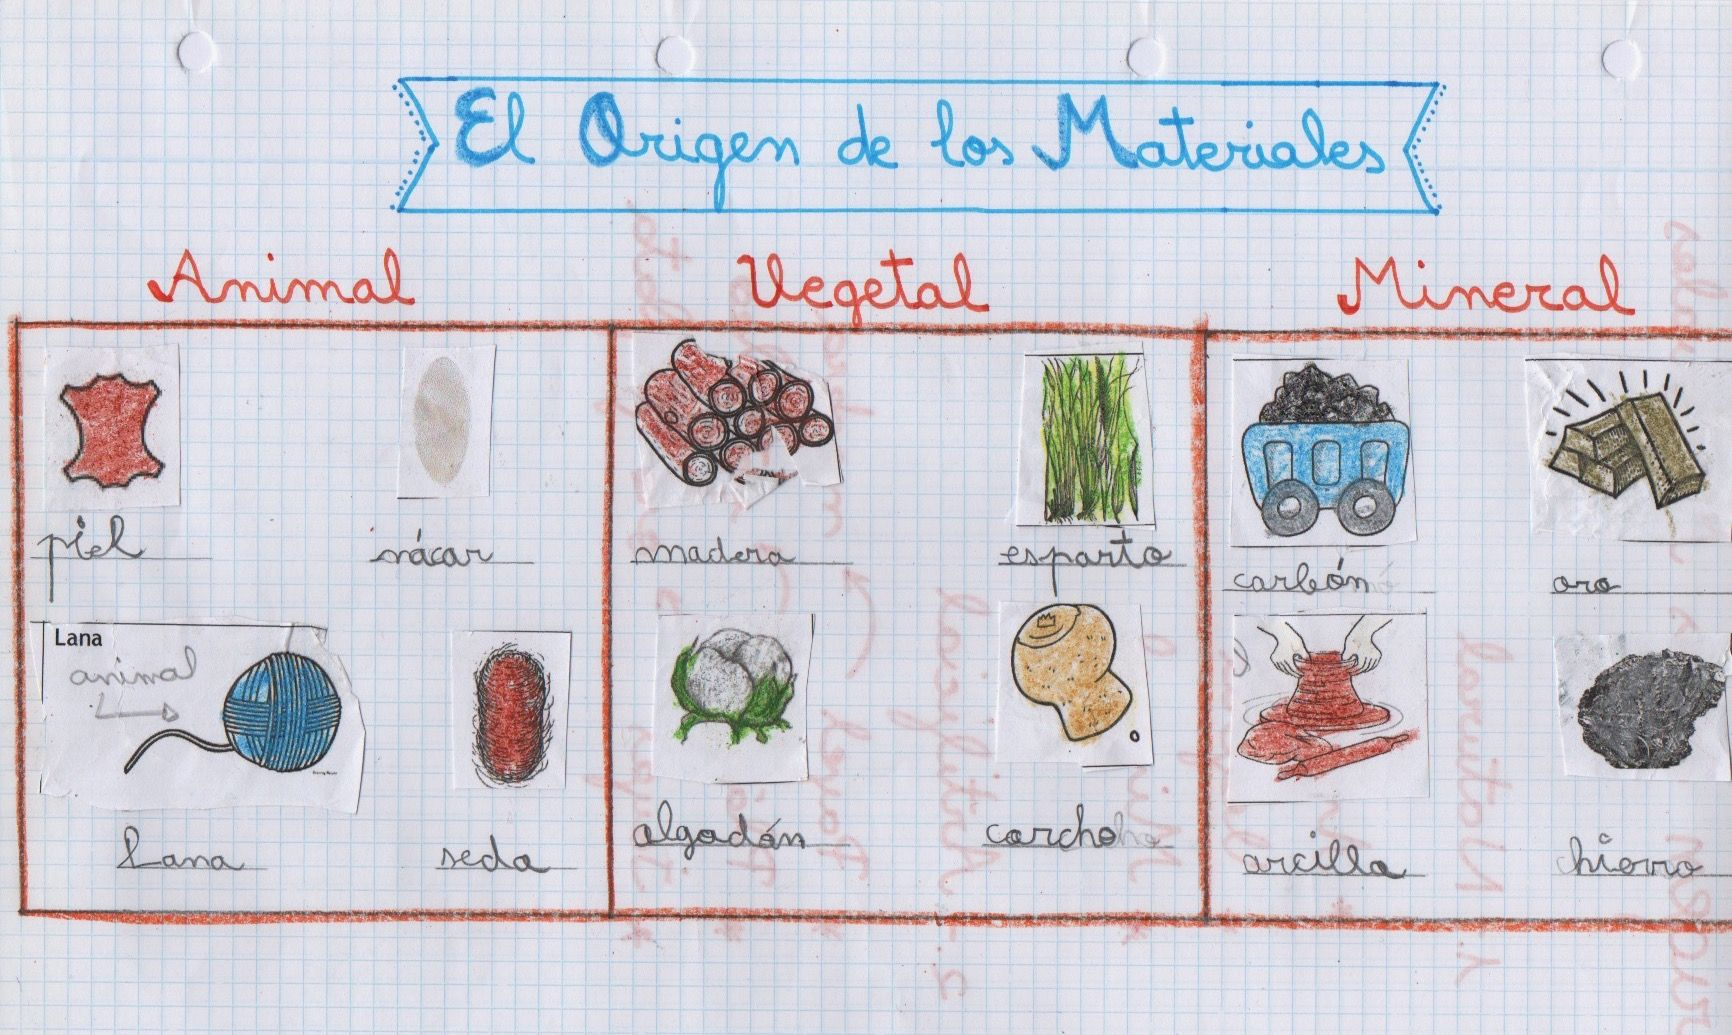 El Origen De Los Materiales 3º De Primaria Tel Apoyandoencasa Educac Tecnologia Para Ninos Maquinas Simples Para Ninos Materiales Naturales Y Artificiales